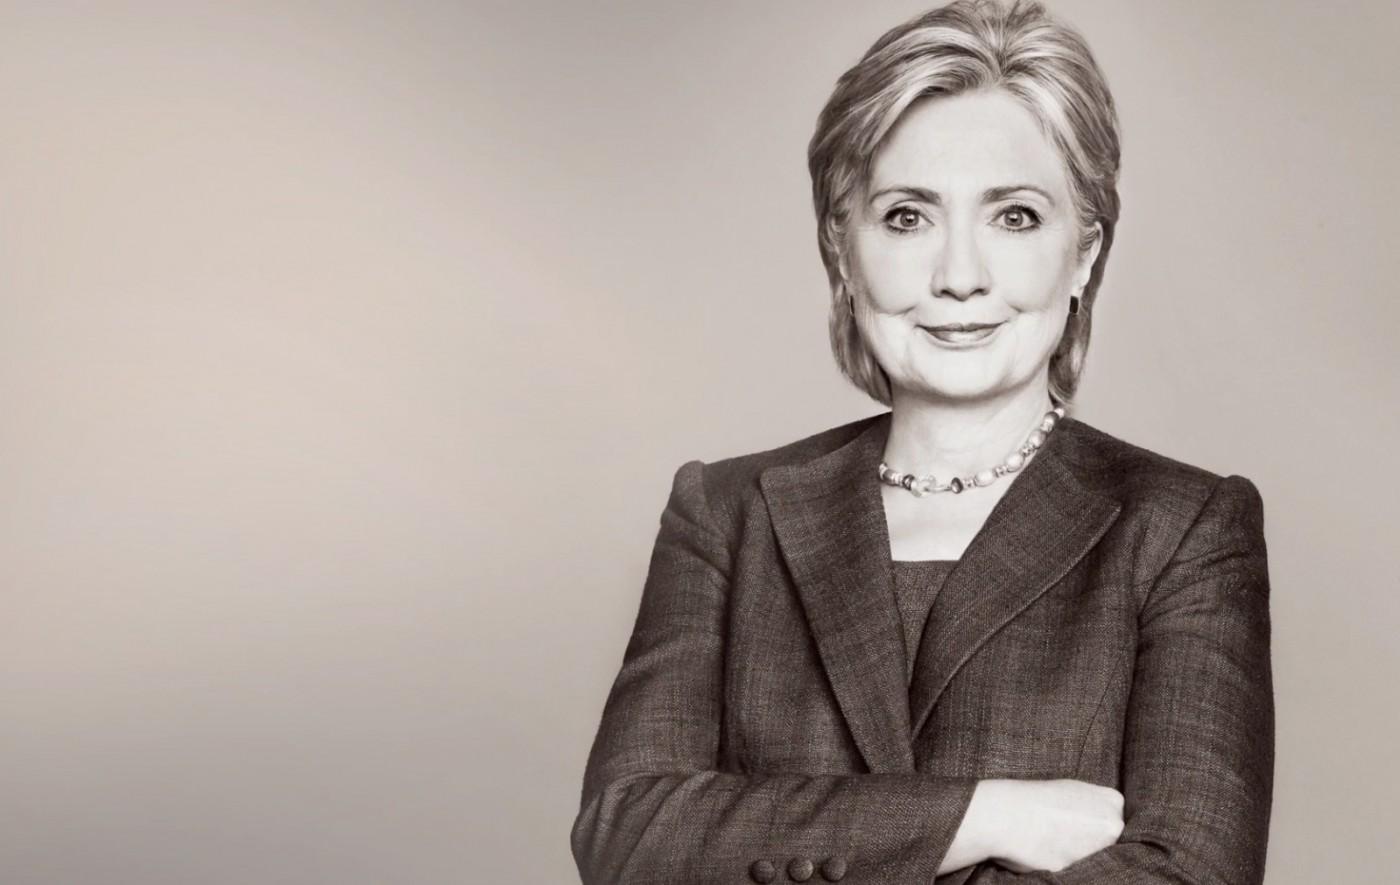 Hilary-Clinton-1400x885